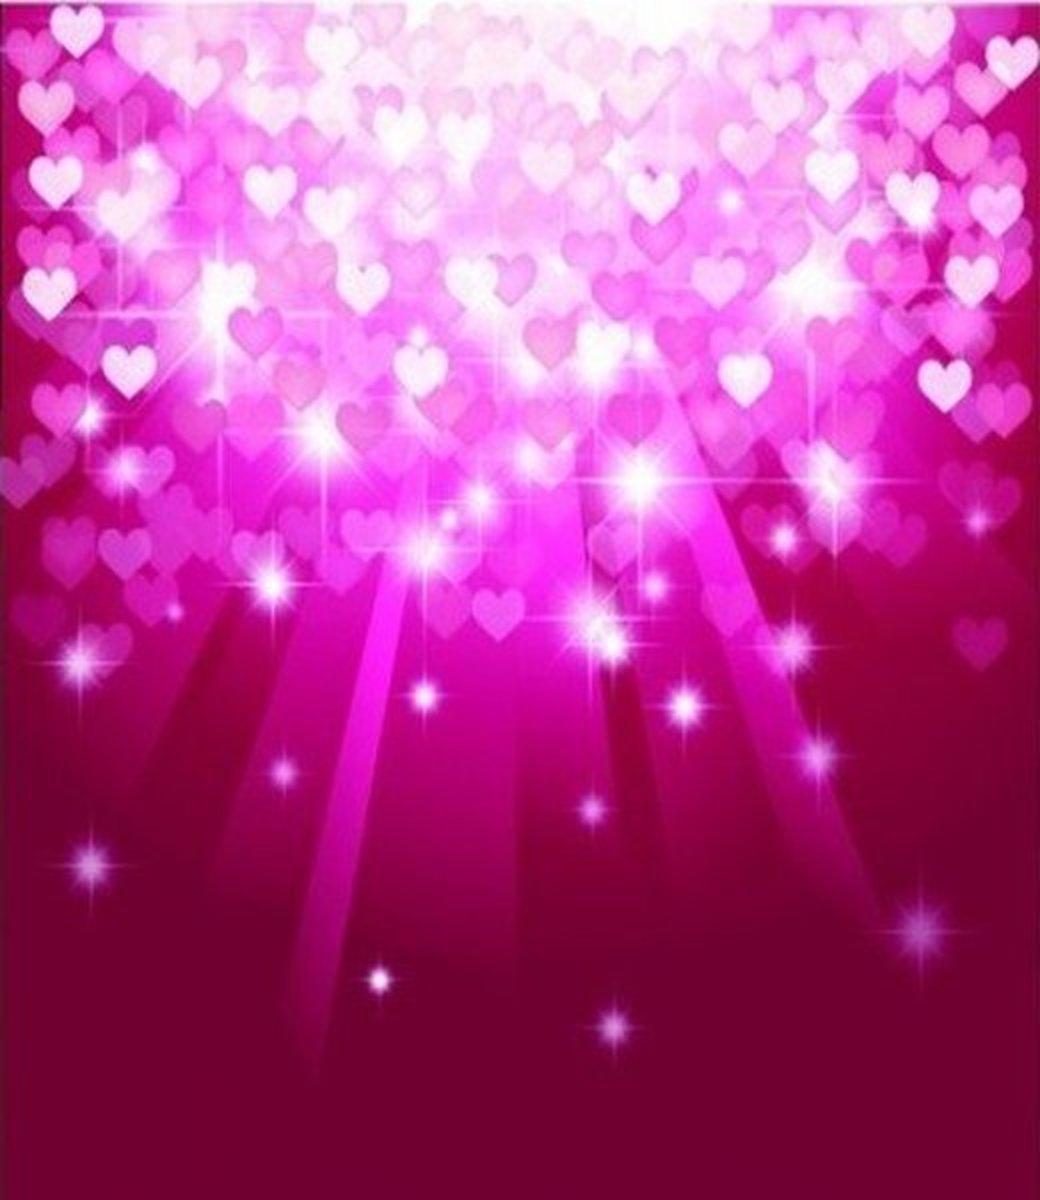 Shining Pink Hearts Wallpaper